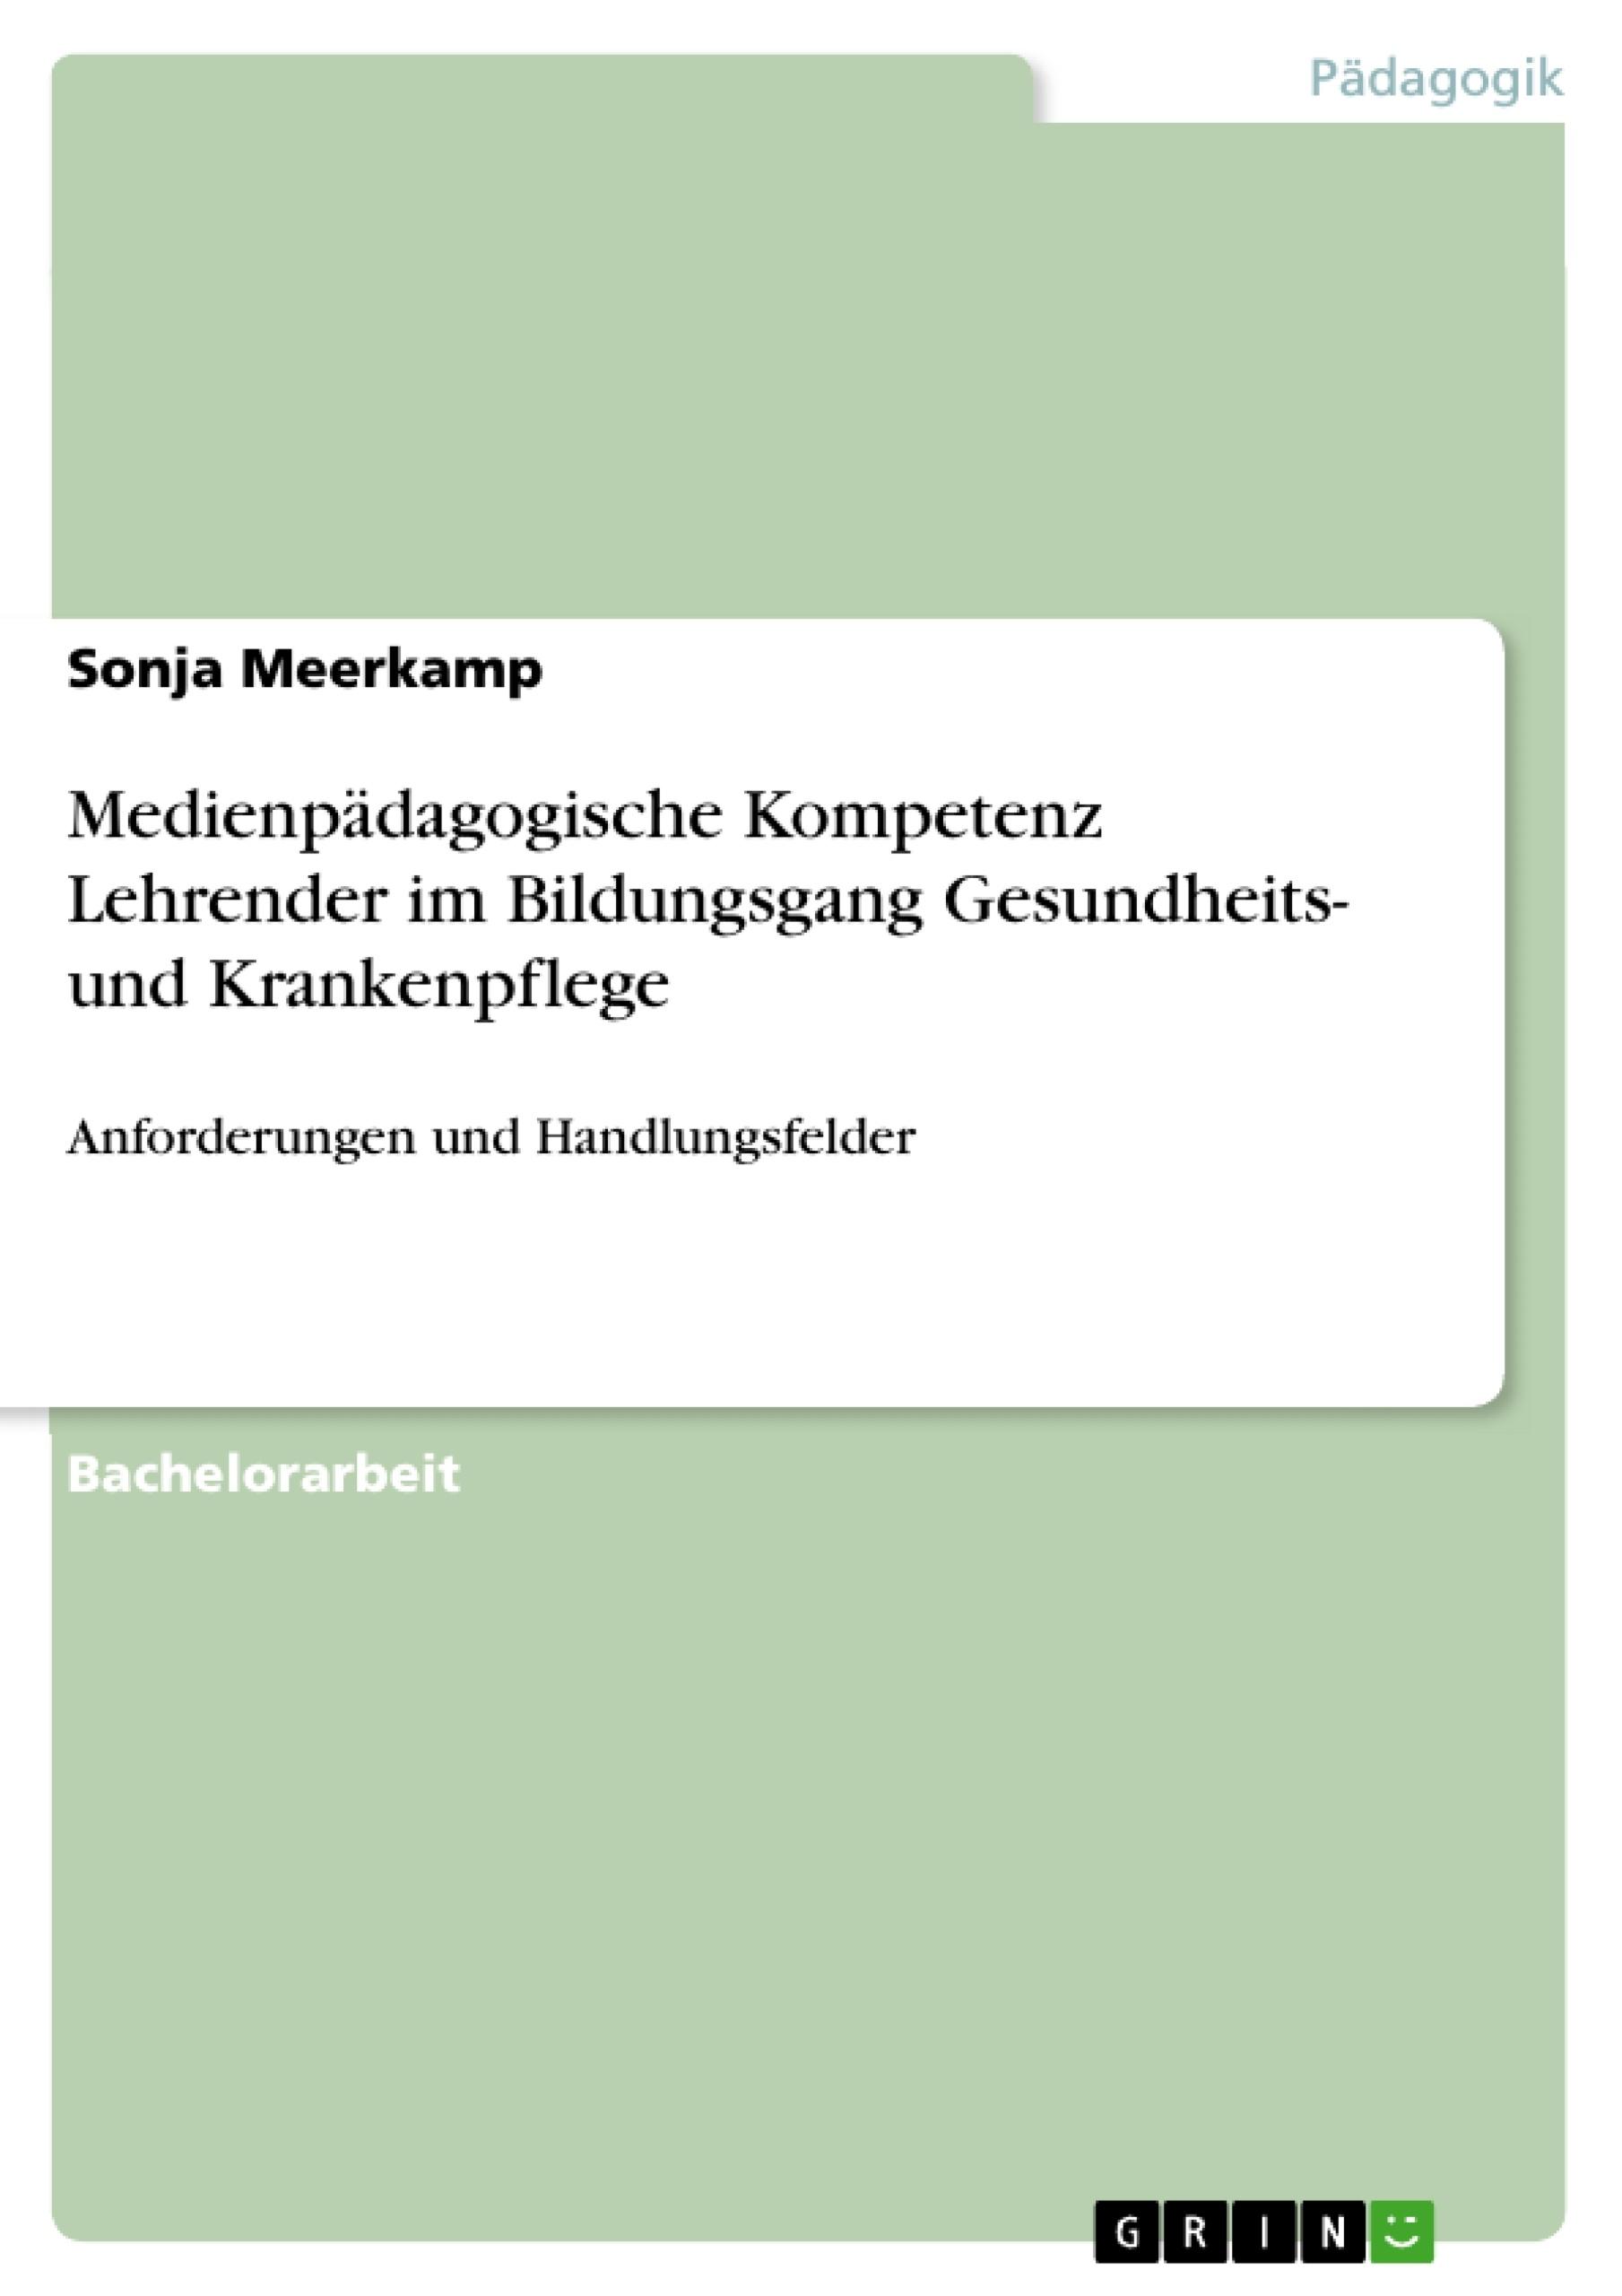 Titel: Medienpädagogische Kompetenz Lehrender im Bildungsgang Gesundheits- und Krankenpflege